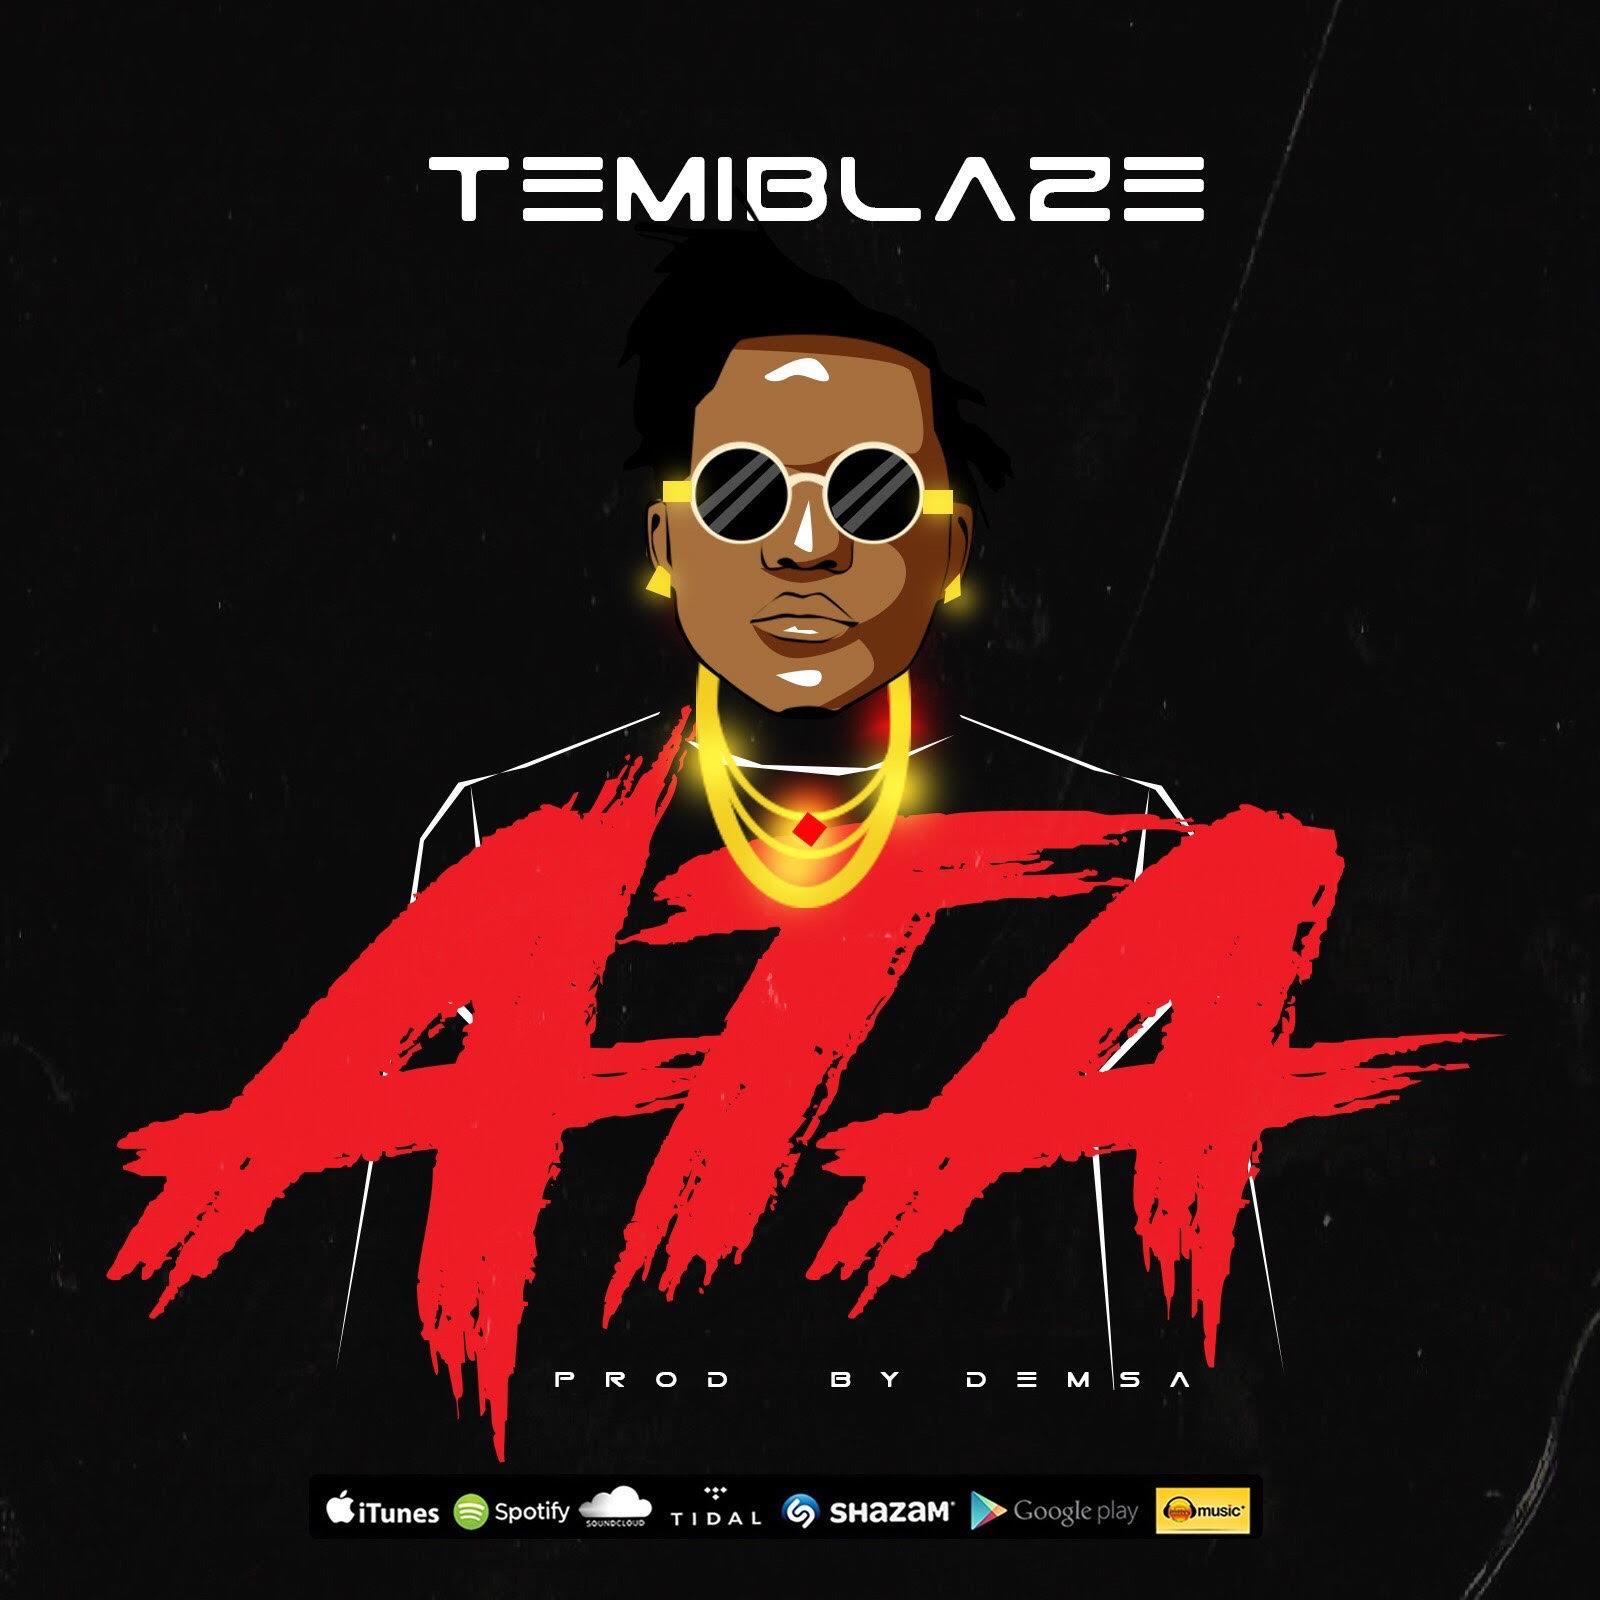 TemiBlaze – Ata